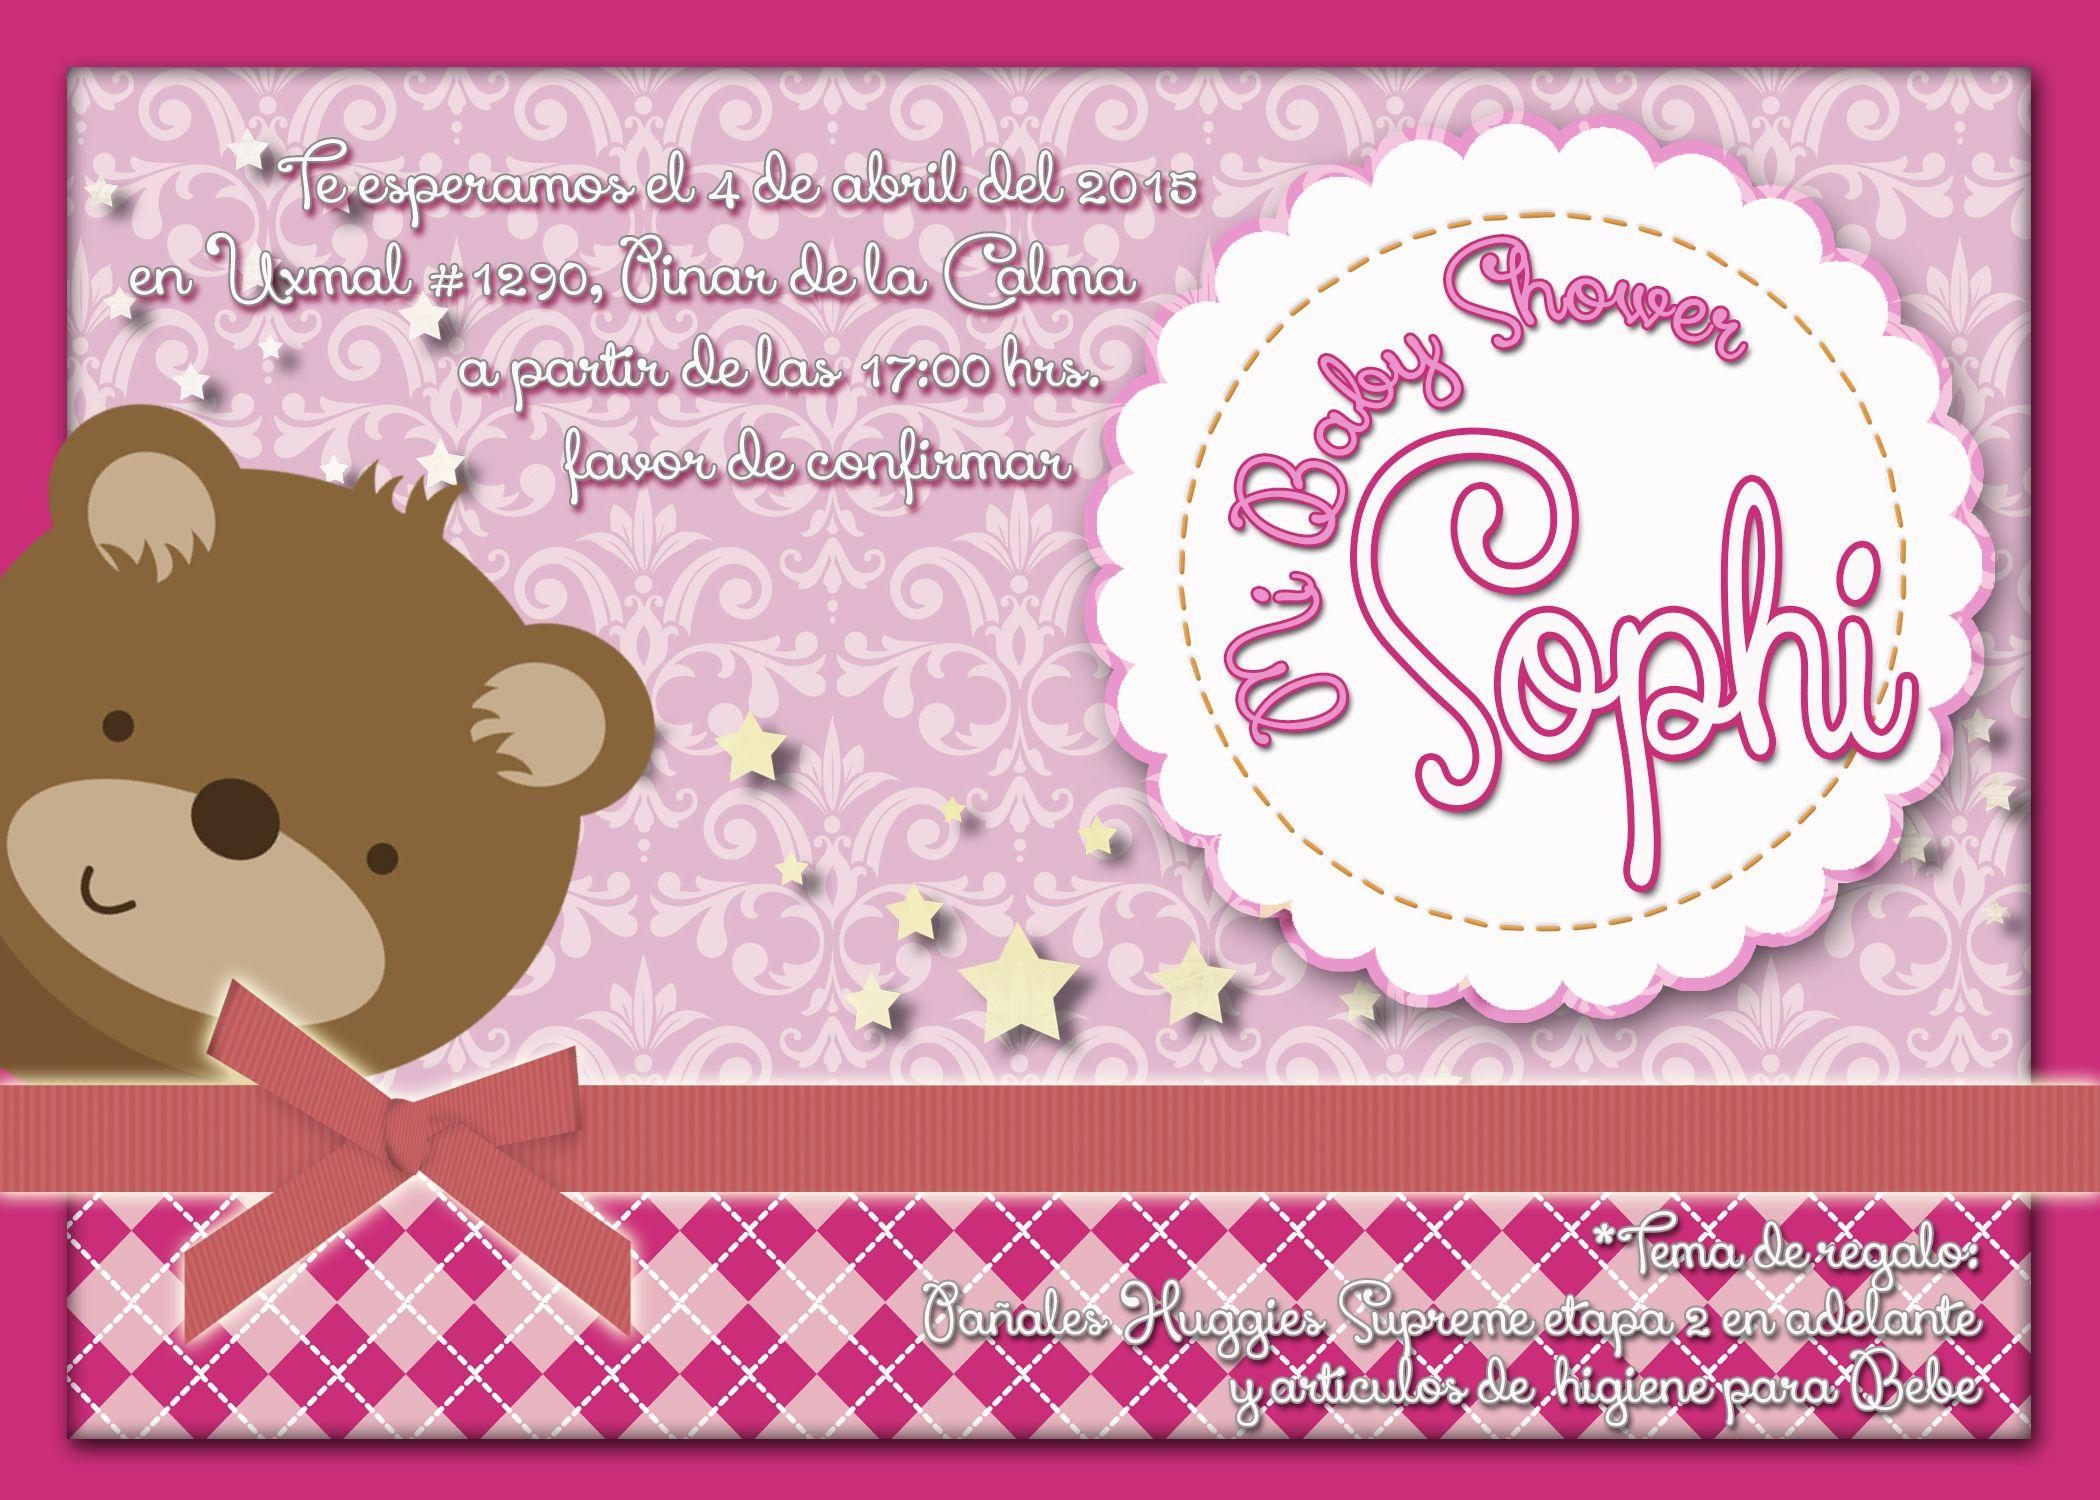 Baby Shower Teddy Bear Invitaciones personalizadas, las creamos a partir del tema que tú quieras, digitales e impresas Practisystem +52 (442) 4698300 (WhatsApp)